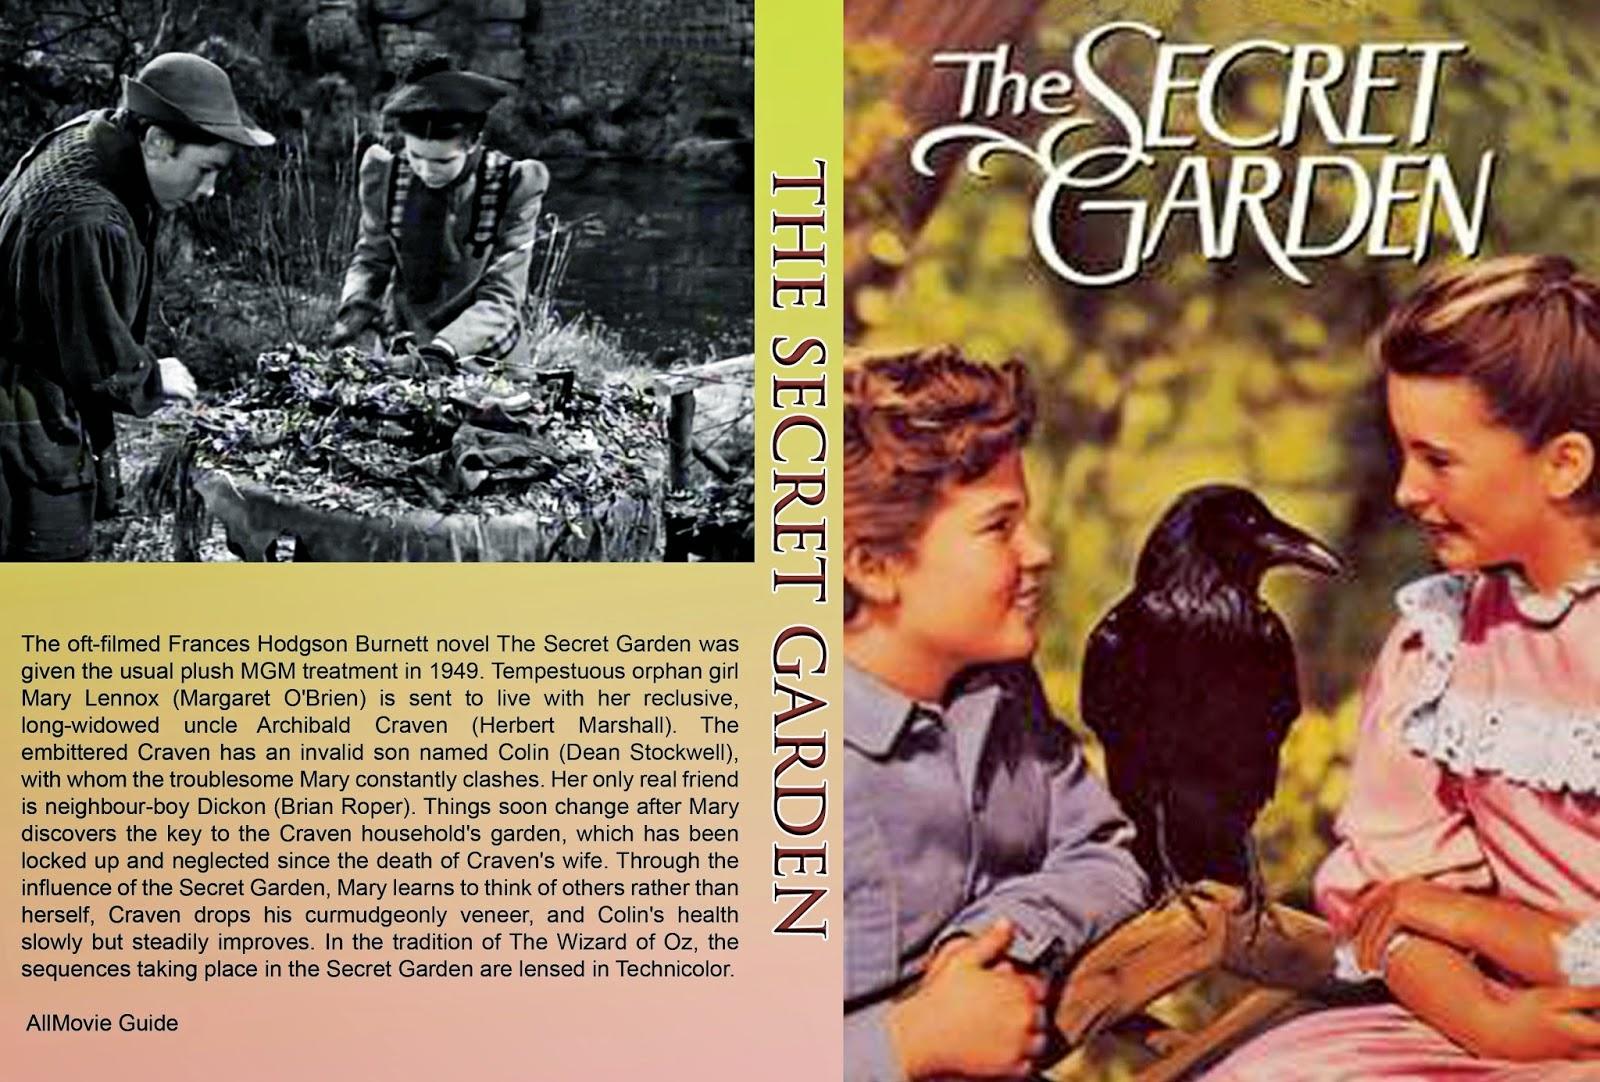 Jardin De Los Secretos Pelicula: Foto de el jardín secreto foto ...